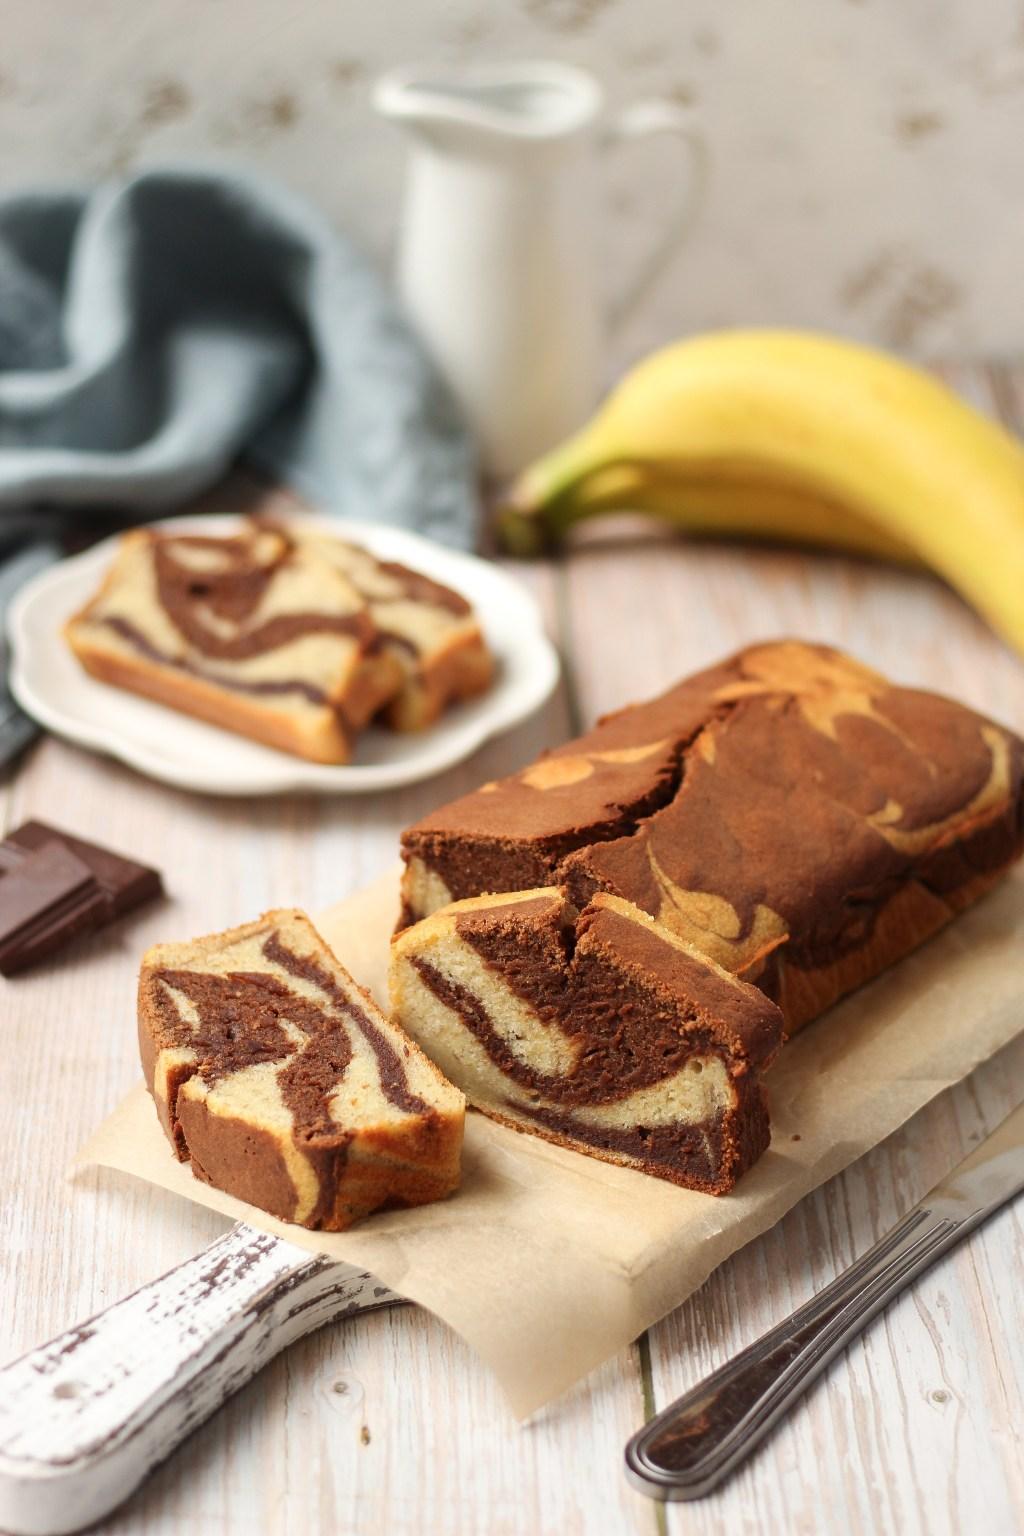 Mramorni banana kolač 4